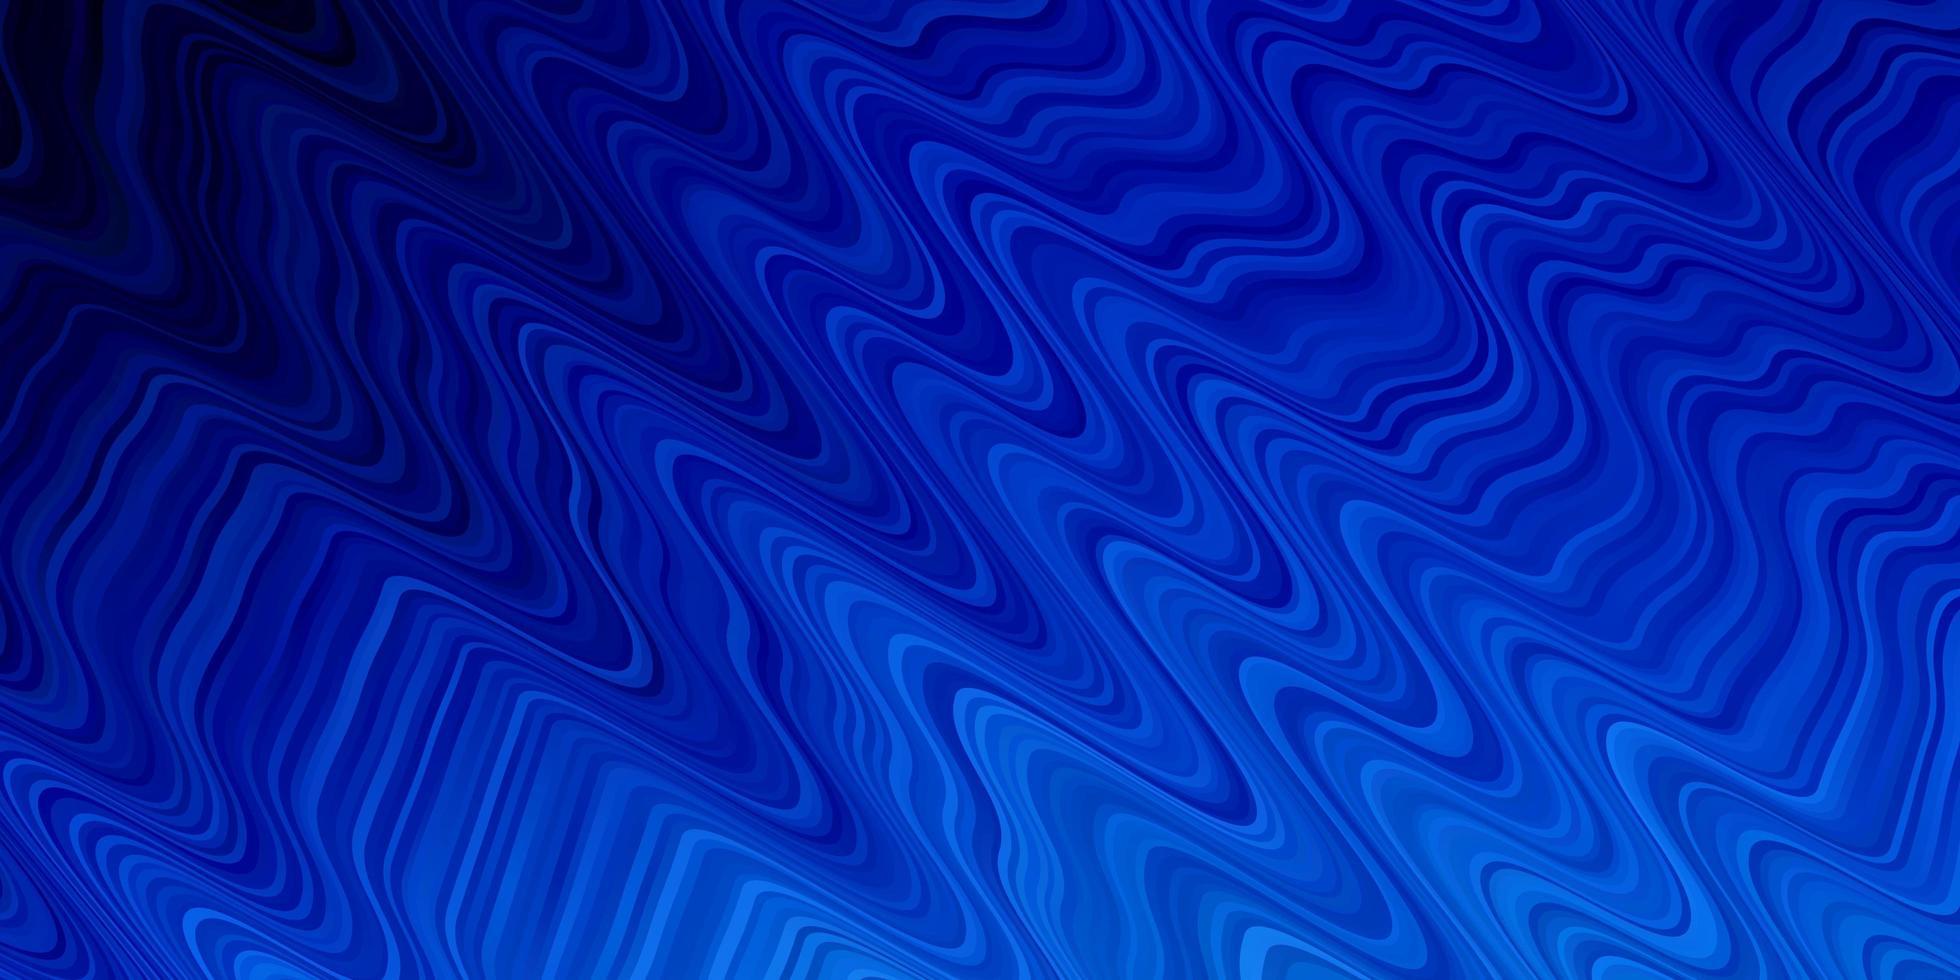 pano de fundo vector azul claro com curvas.